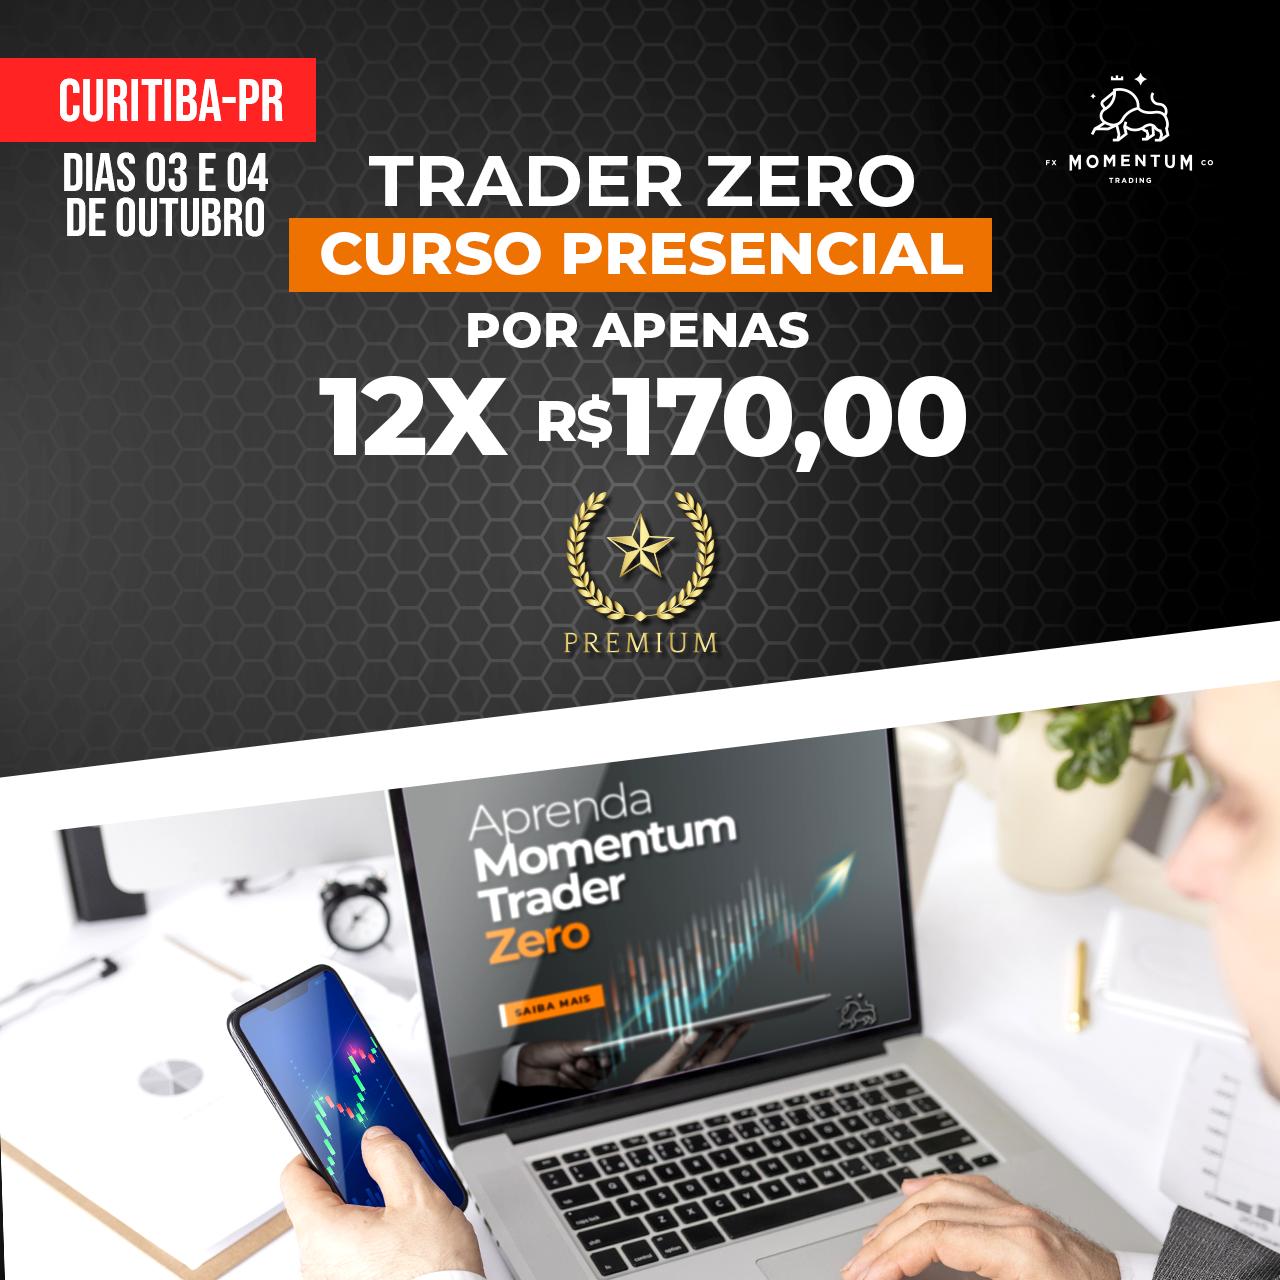 Trader zero Curitiba Premium